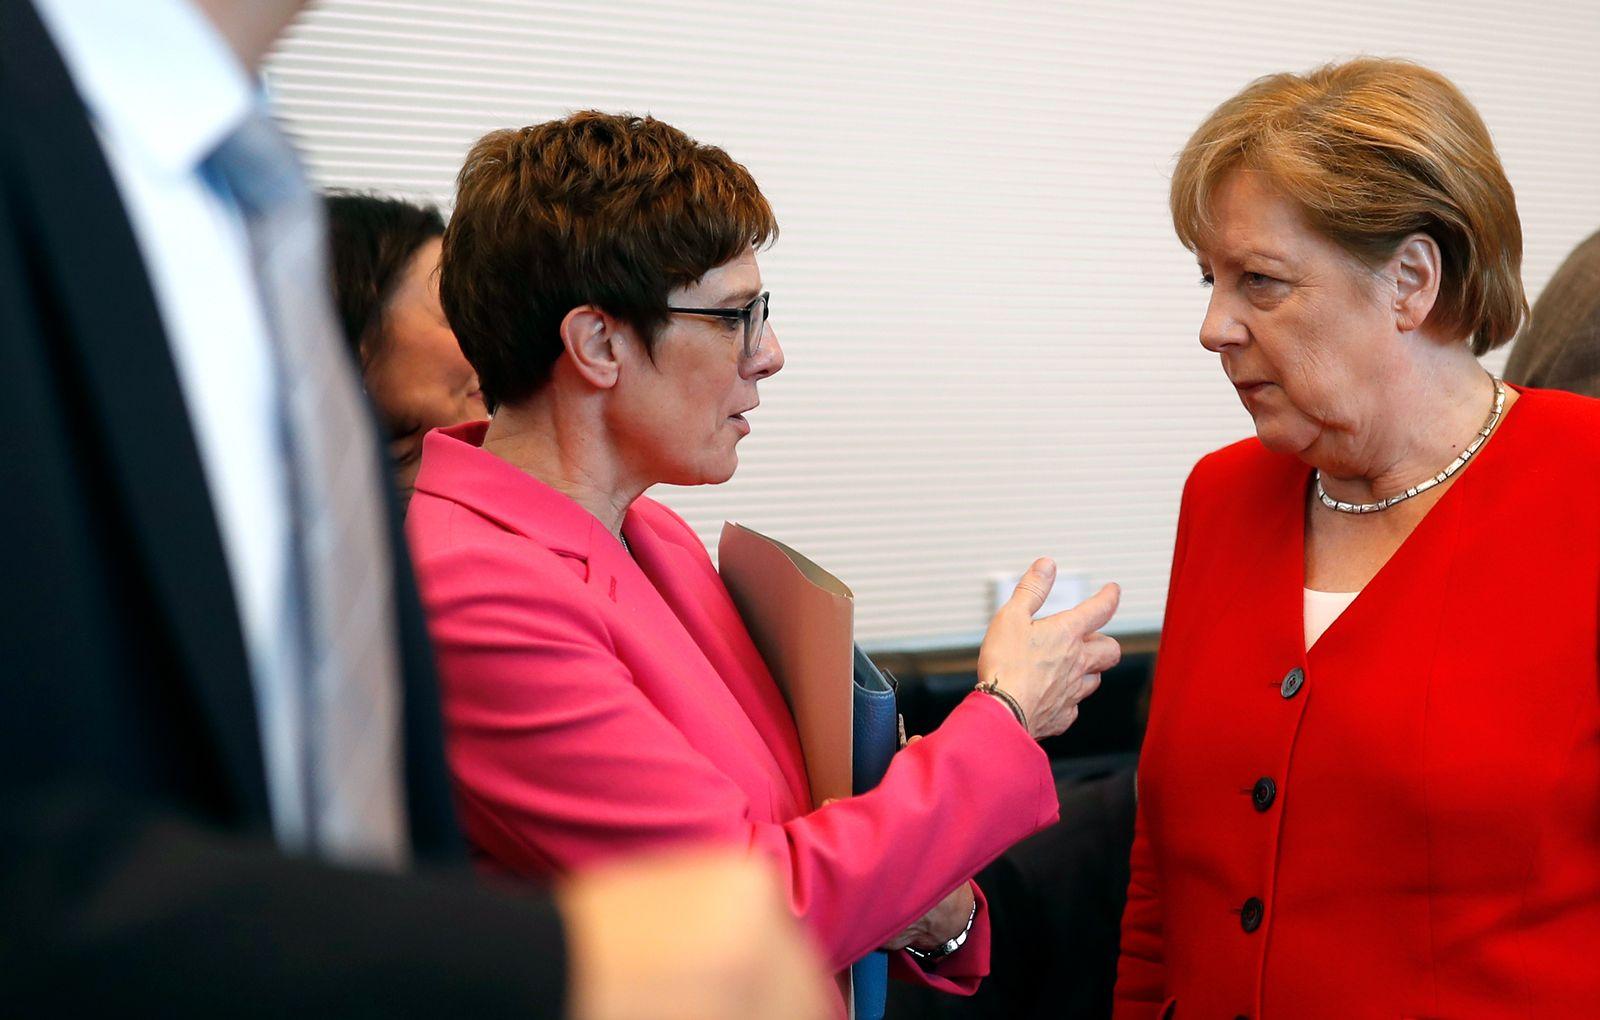 Angela Merkel/ Annegret Kramp-Karrenbauer